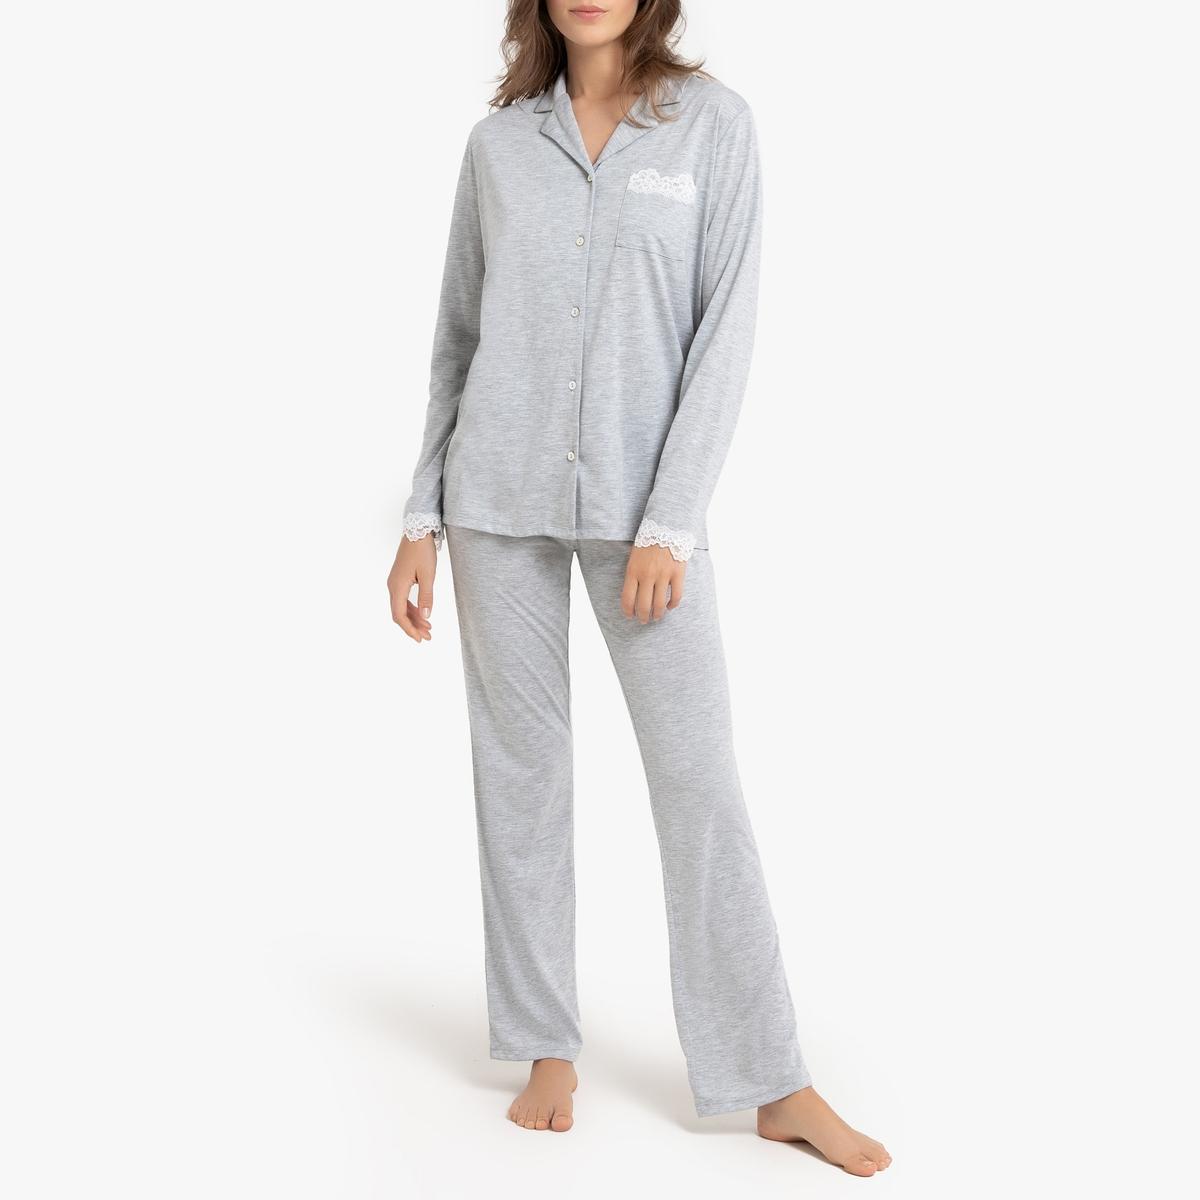 Pijama de manga larga con detalle de encaje